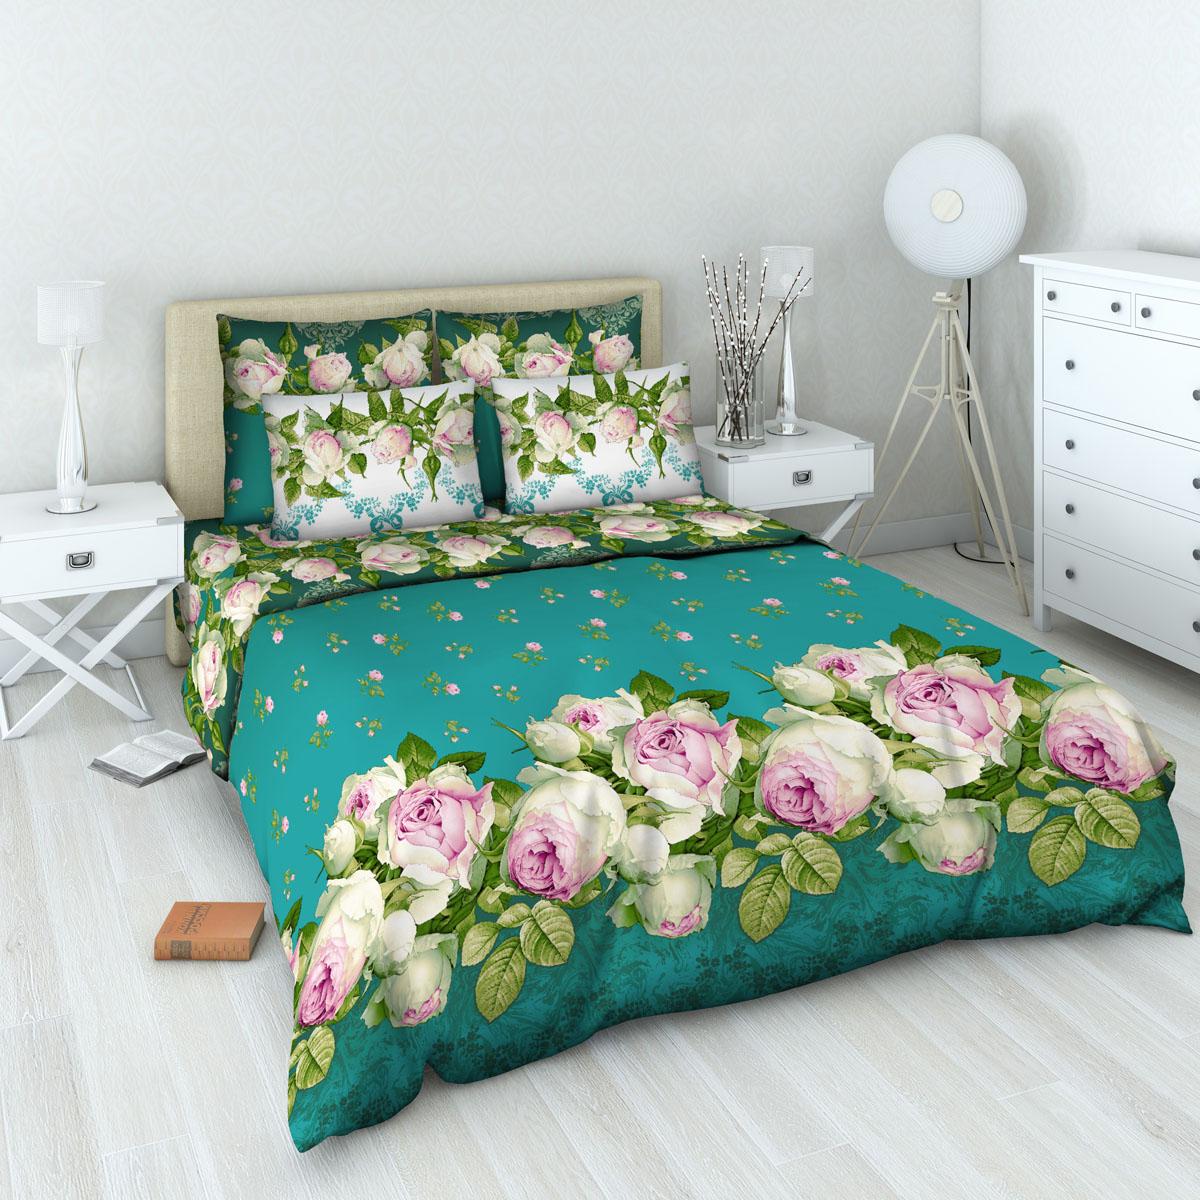 Комплект белья Василиса Французский аромат, 1,5-спальный, наволочки 70х70DAVC150Комплект постельного белья Василиса Французский аромат состоит из пододеяльника, простыни и двух наволочек. Дизайн - цветочный. Белье изготовлено из бязи (100% хлопка) - гипоаллергенного, экологичного, высококачественного, крупнозакрученного волокна, благодаря чему эта ткань мягкая, нежная на ощупь и очень прочная, не образует катышков на поверхности. При соблюдении рекомендаций по уходу, это белье выдерживает много стирок (более 70), не линяет и не теряет свою первоначальную прочность. Уникальная ткань обеспечивает легкую глажку.Приобретая комплект постельного белья Василиса Французский аромат, вы можете быть уверенны в том, что покупка доставит вам удовольствие и подарит максимальный комфорт.